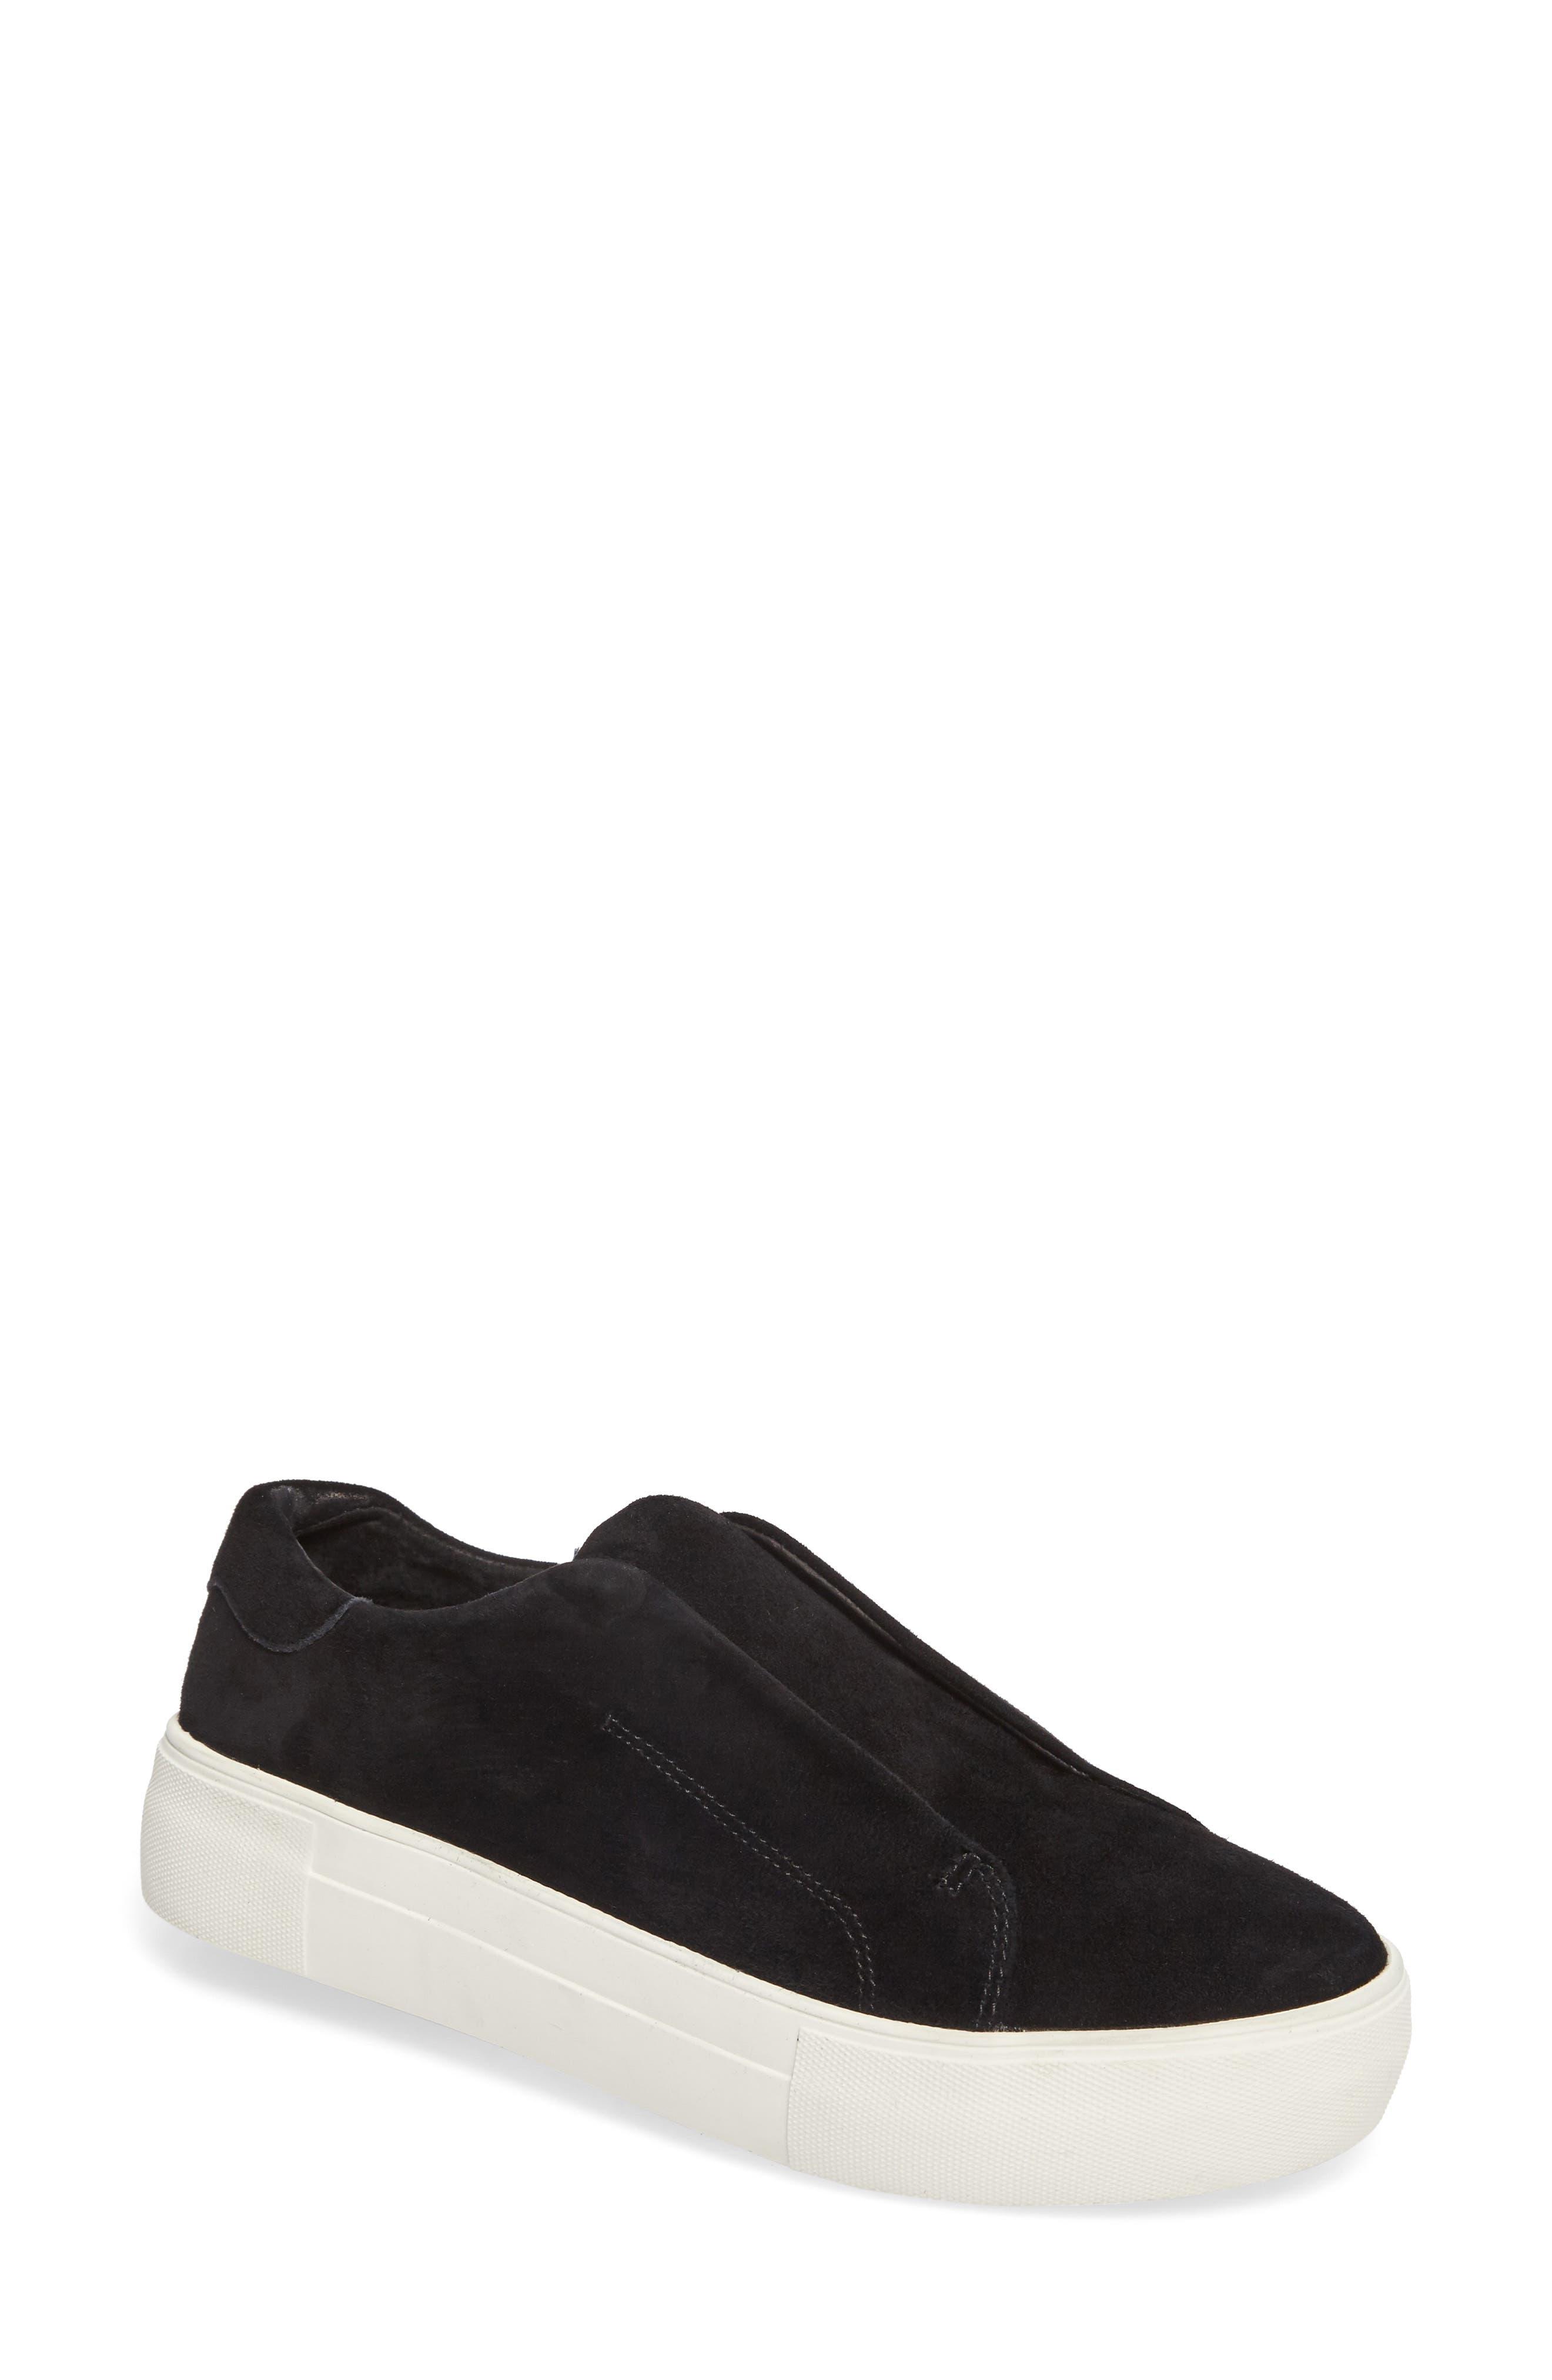 JSLIDES Alara Slip-On Sneaker, Main, color, 002